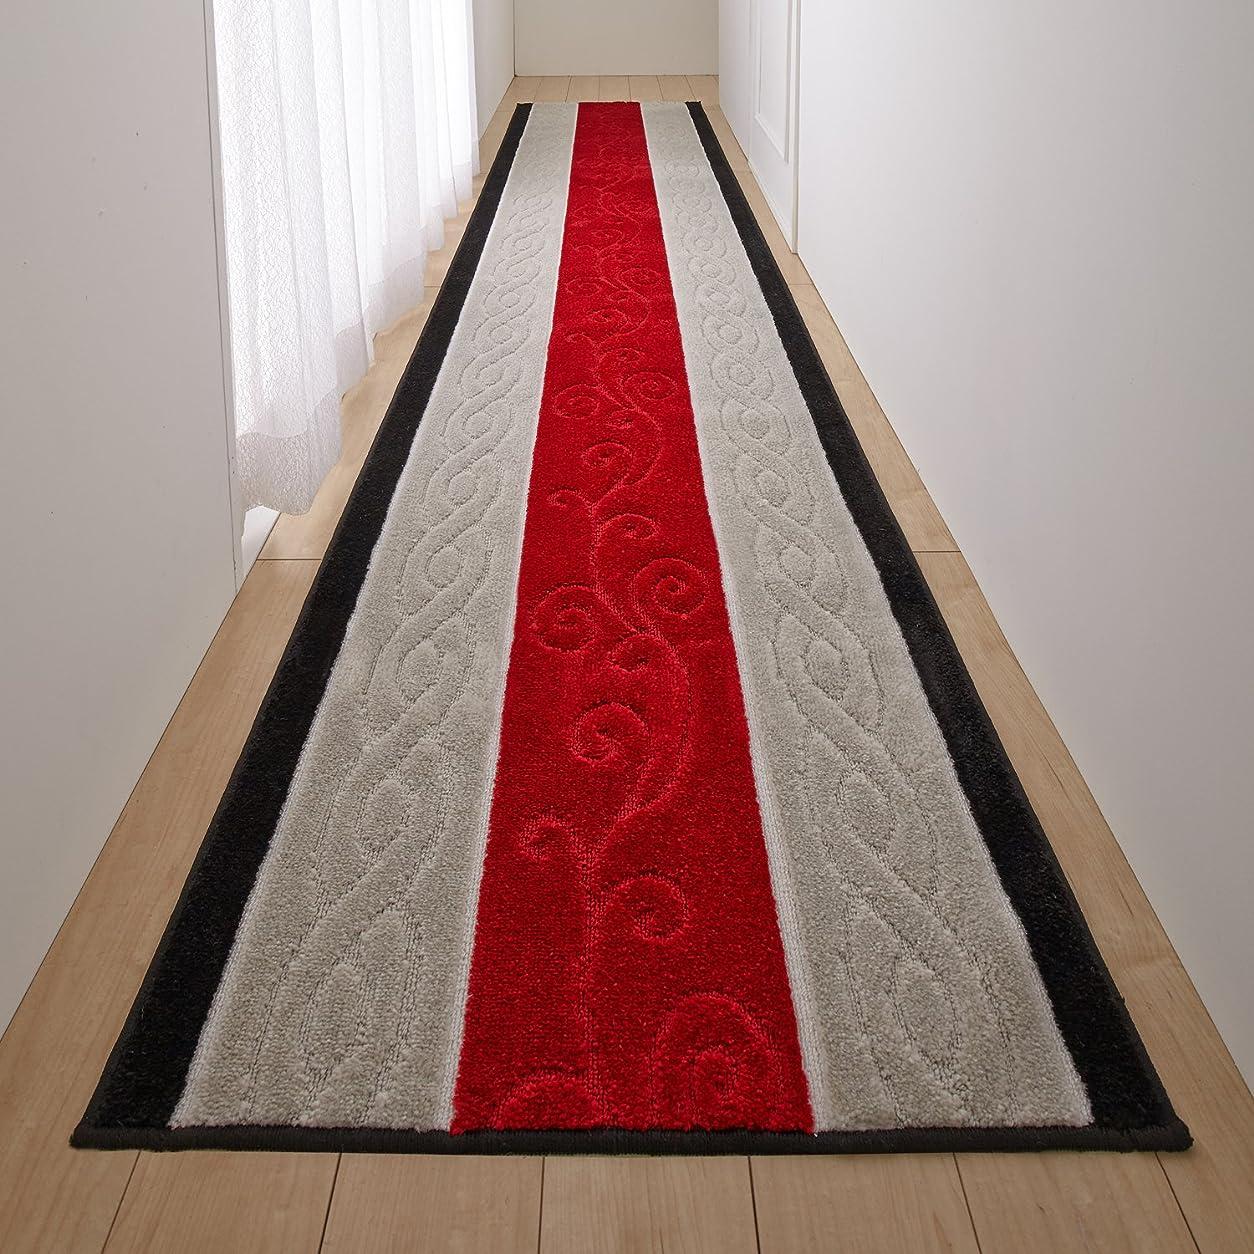 卑しい動揺させる形San-Luna 廊下敷きカーペット ロング カーペット 65×340cm 【ステラ】 日本製 ふかふか マット 滑り止め加工 (トルコ製生地使用) レッド 赤